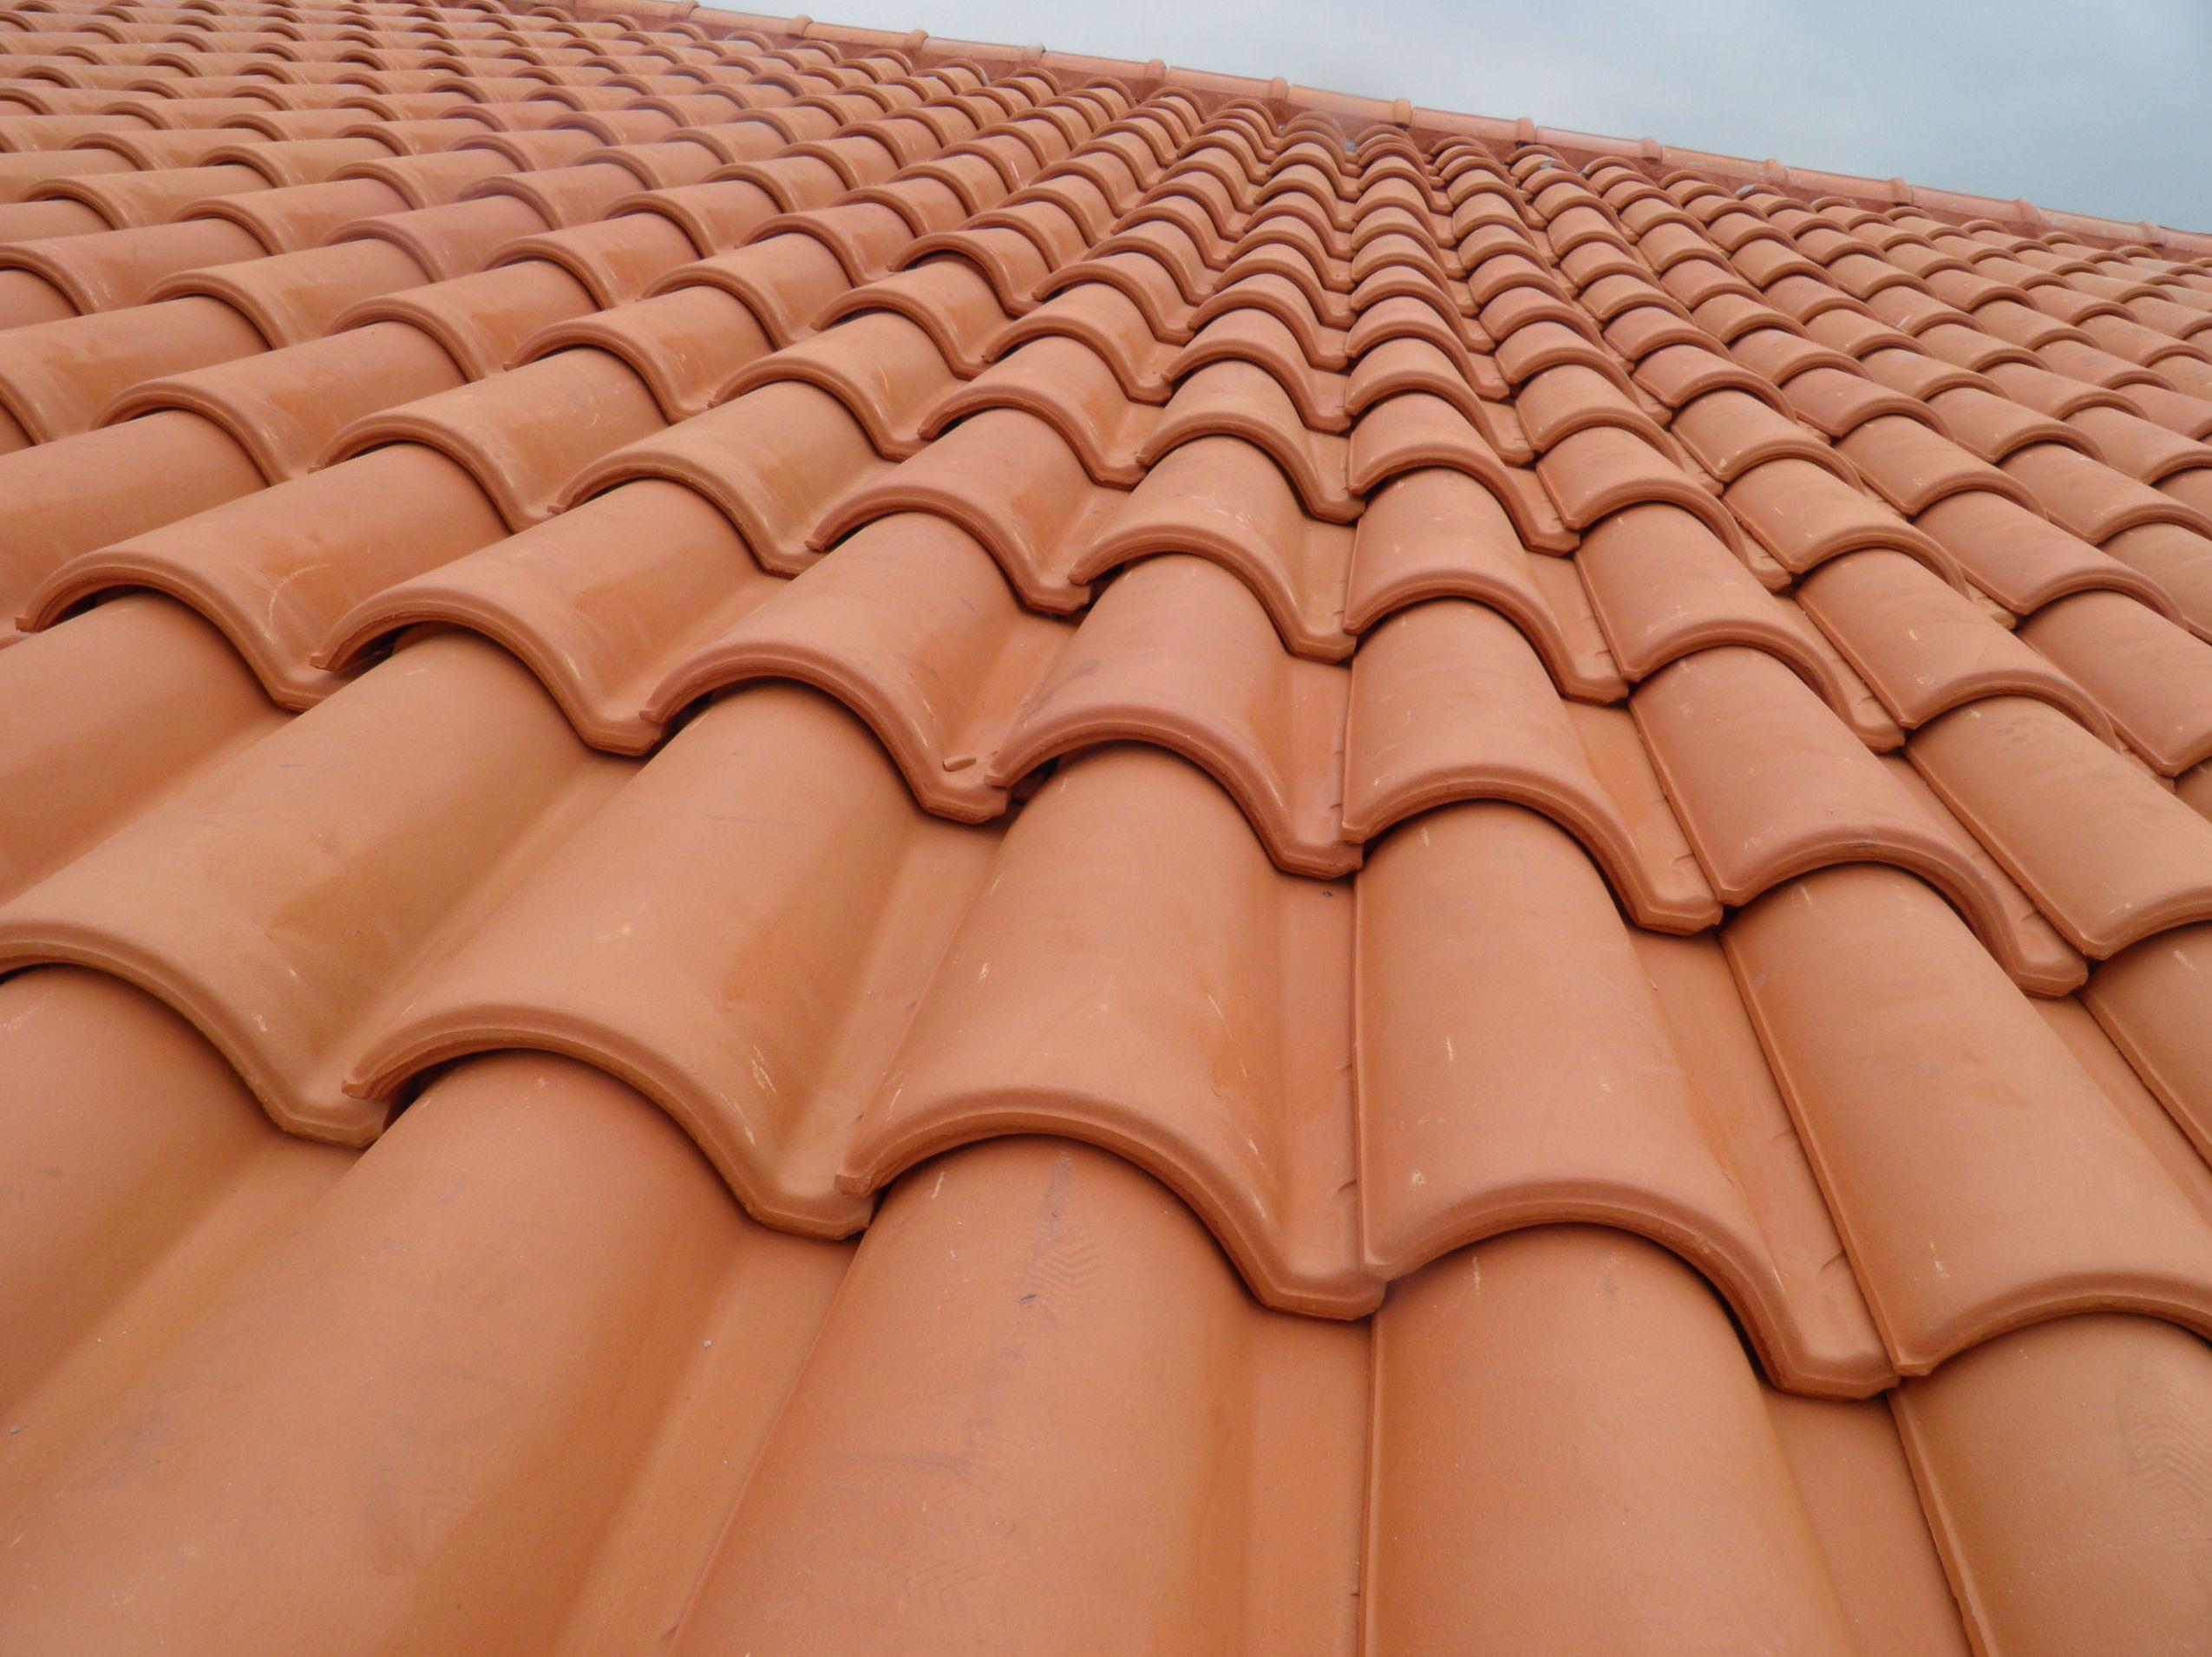 Reparación de tejados en Asturias